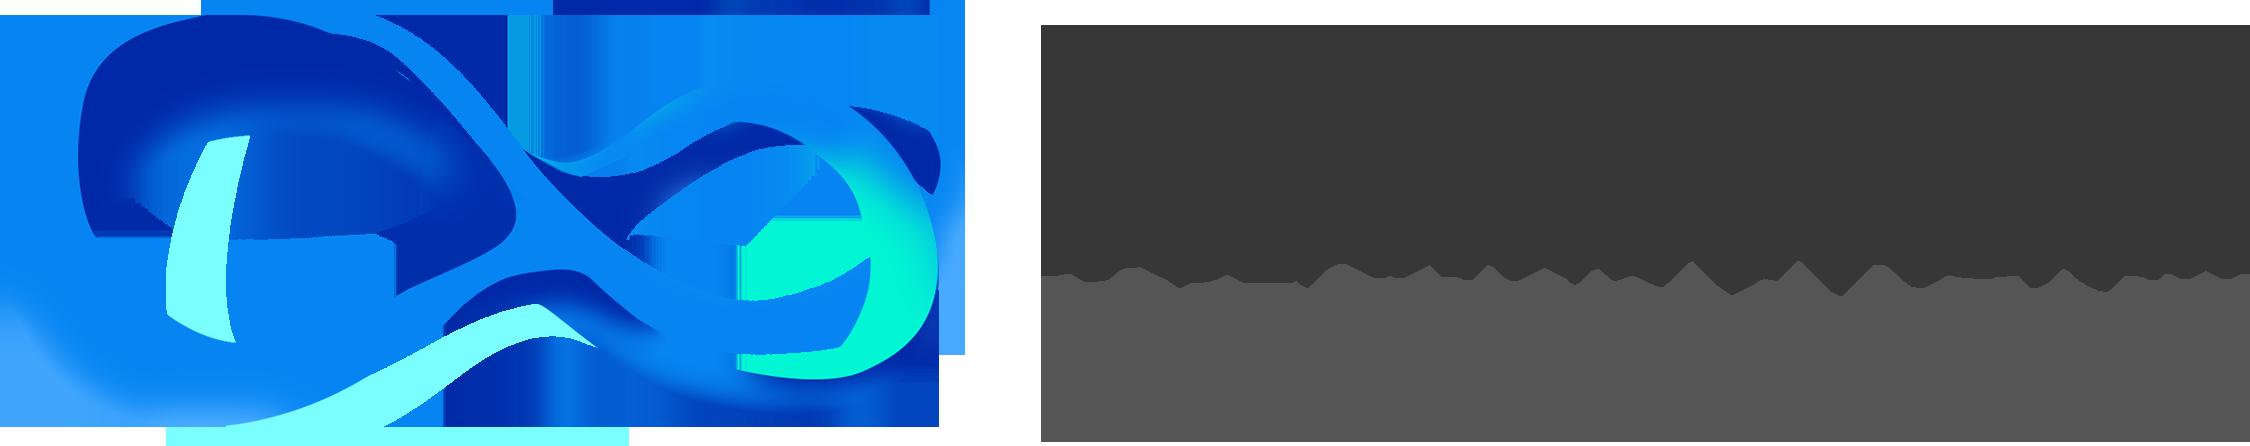 中国海洋论坛